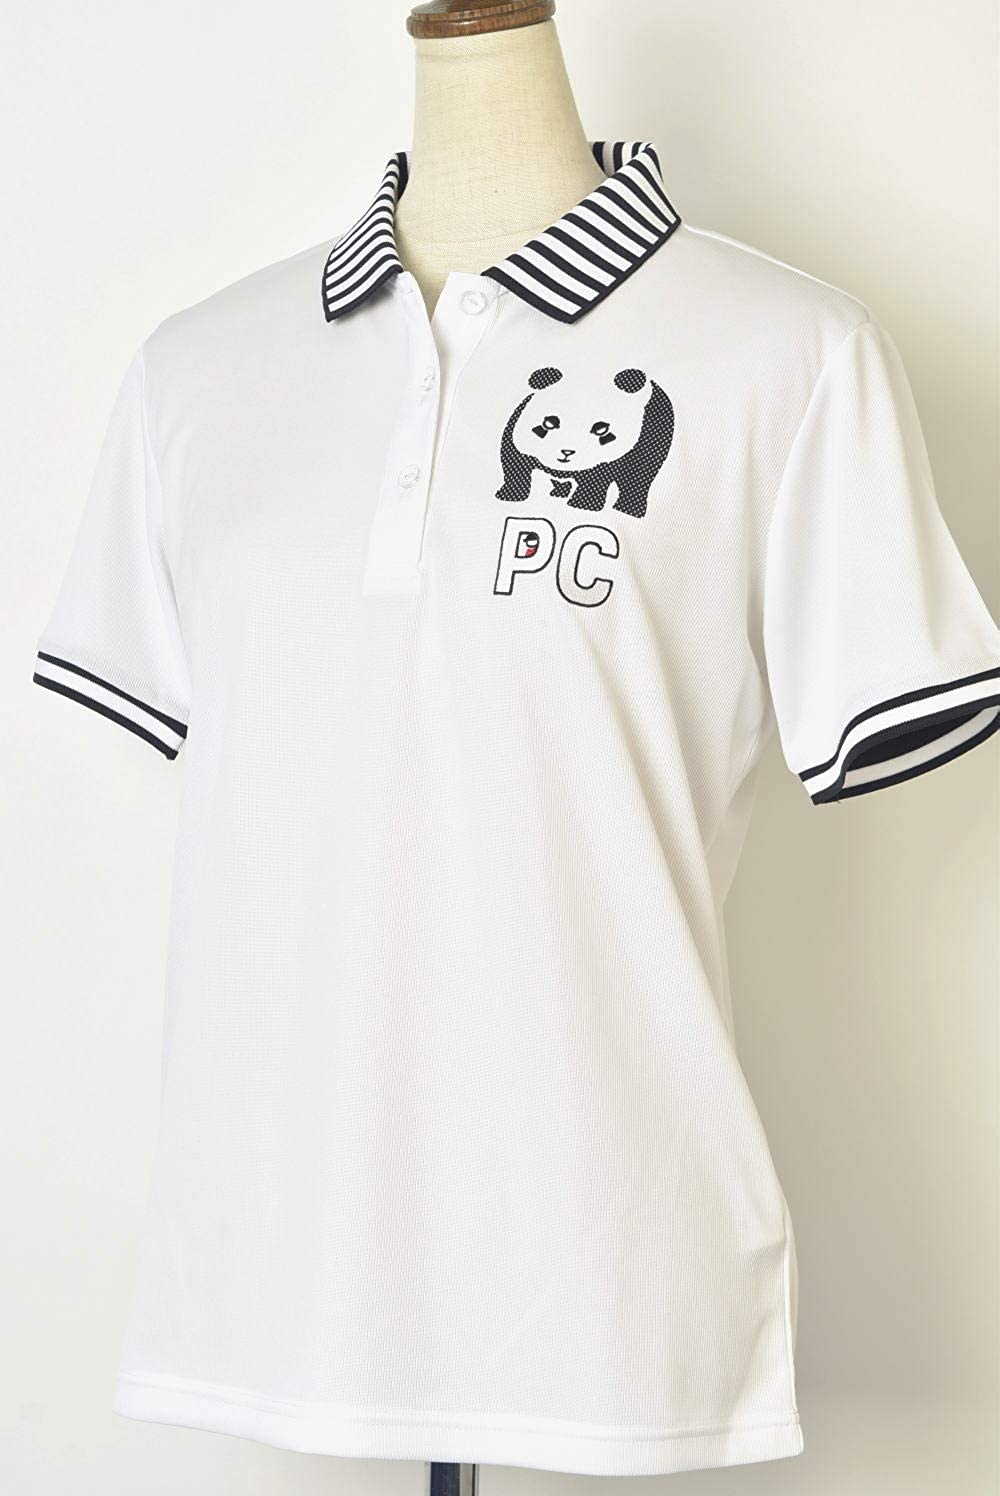 (ピッコーネ クラブ) PICONE CLUB 半袖ポロシャツ レディース ゴルフ c859307 M(01) ホワイト(191) B07S4GYBW8